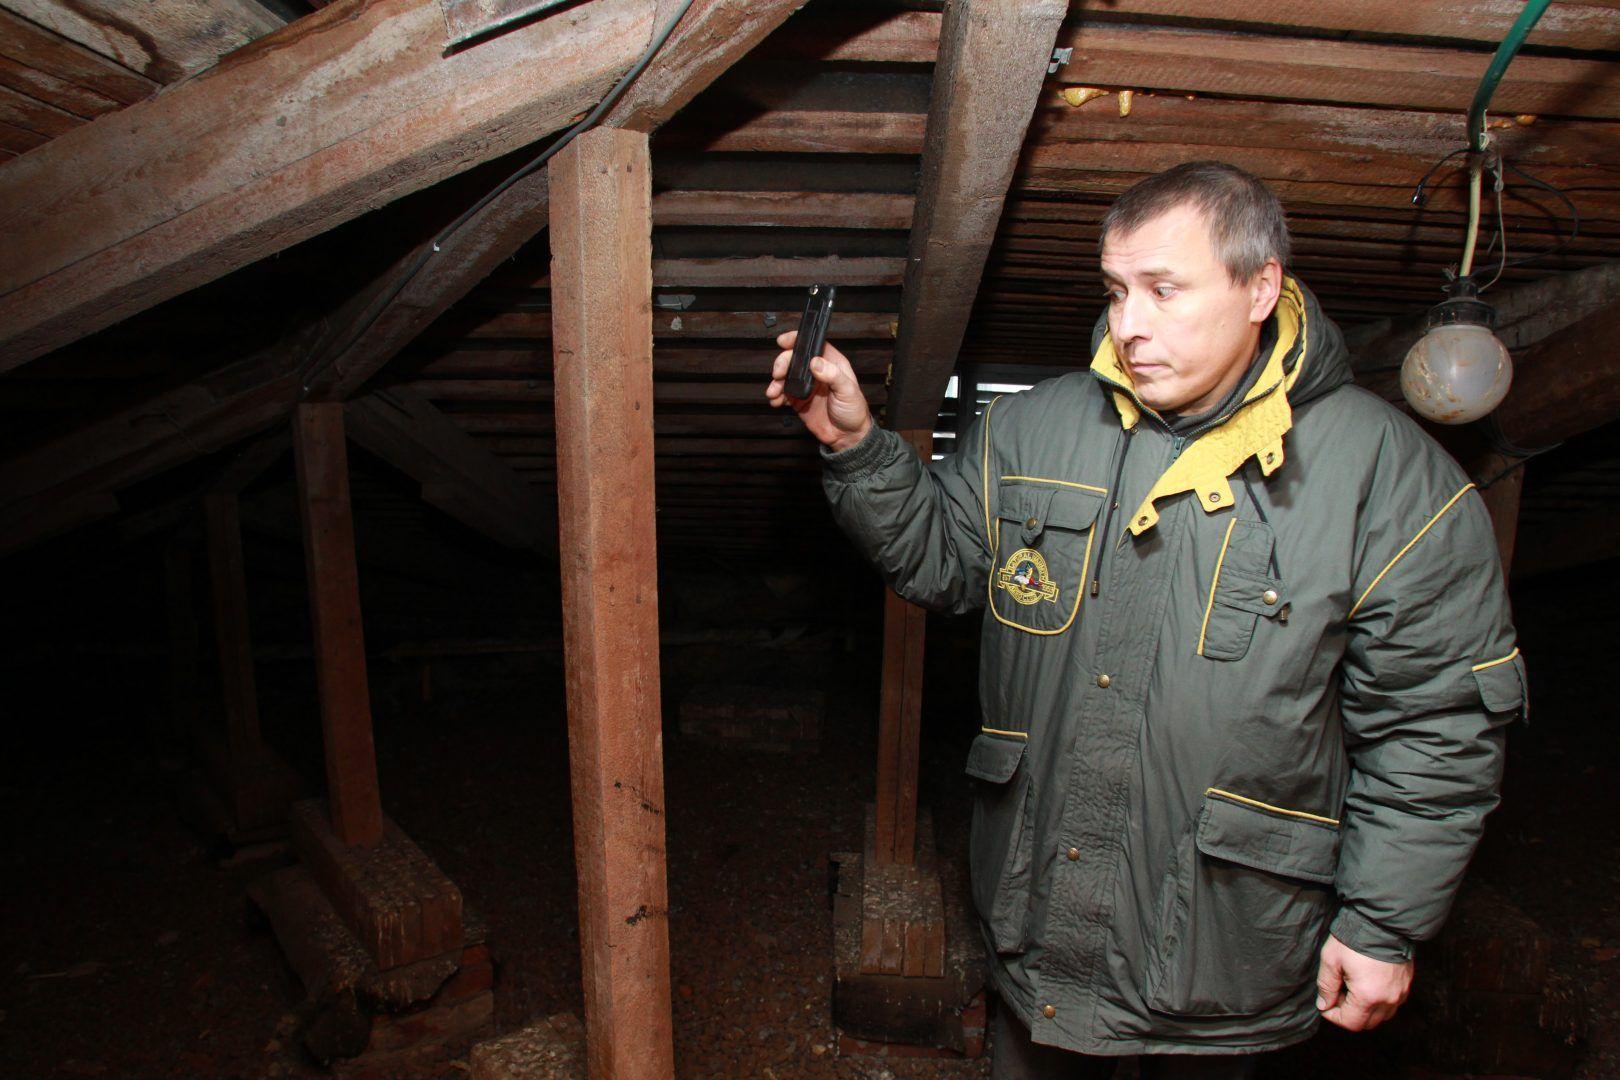 Чердаки и подвалы осмотрели в дома Михайлово-Ярцевского. Фото: Наталия Нечаева, «Вечерняя Москва»